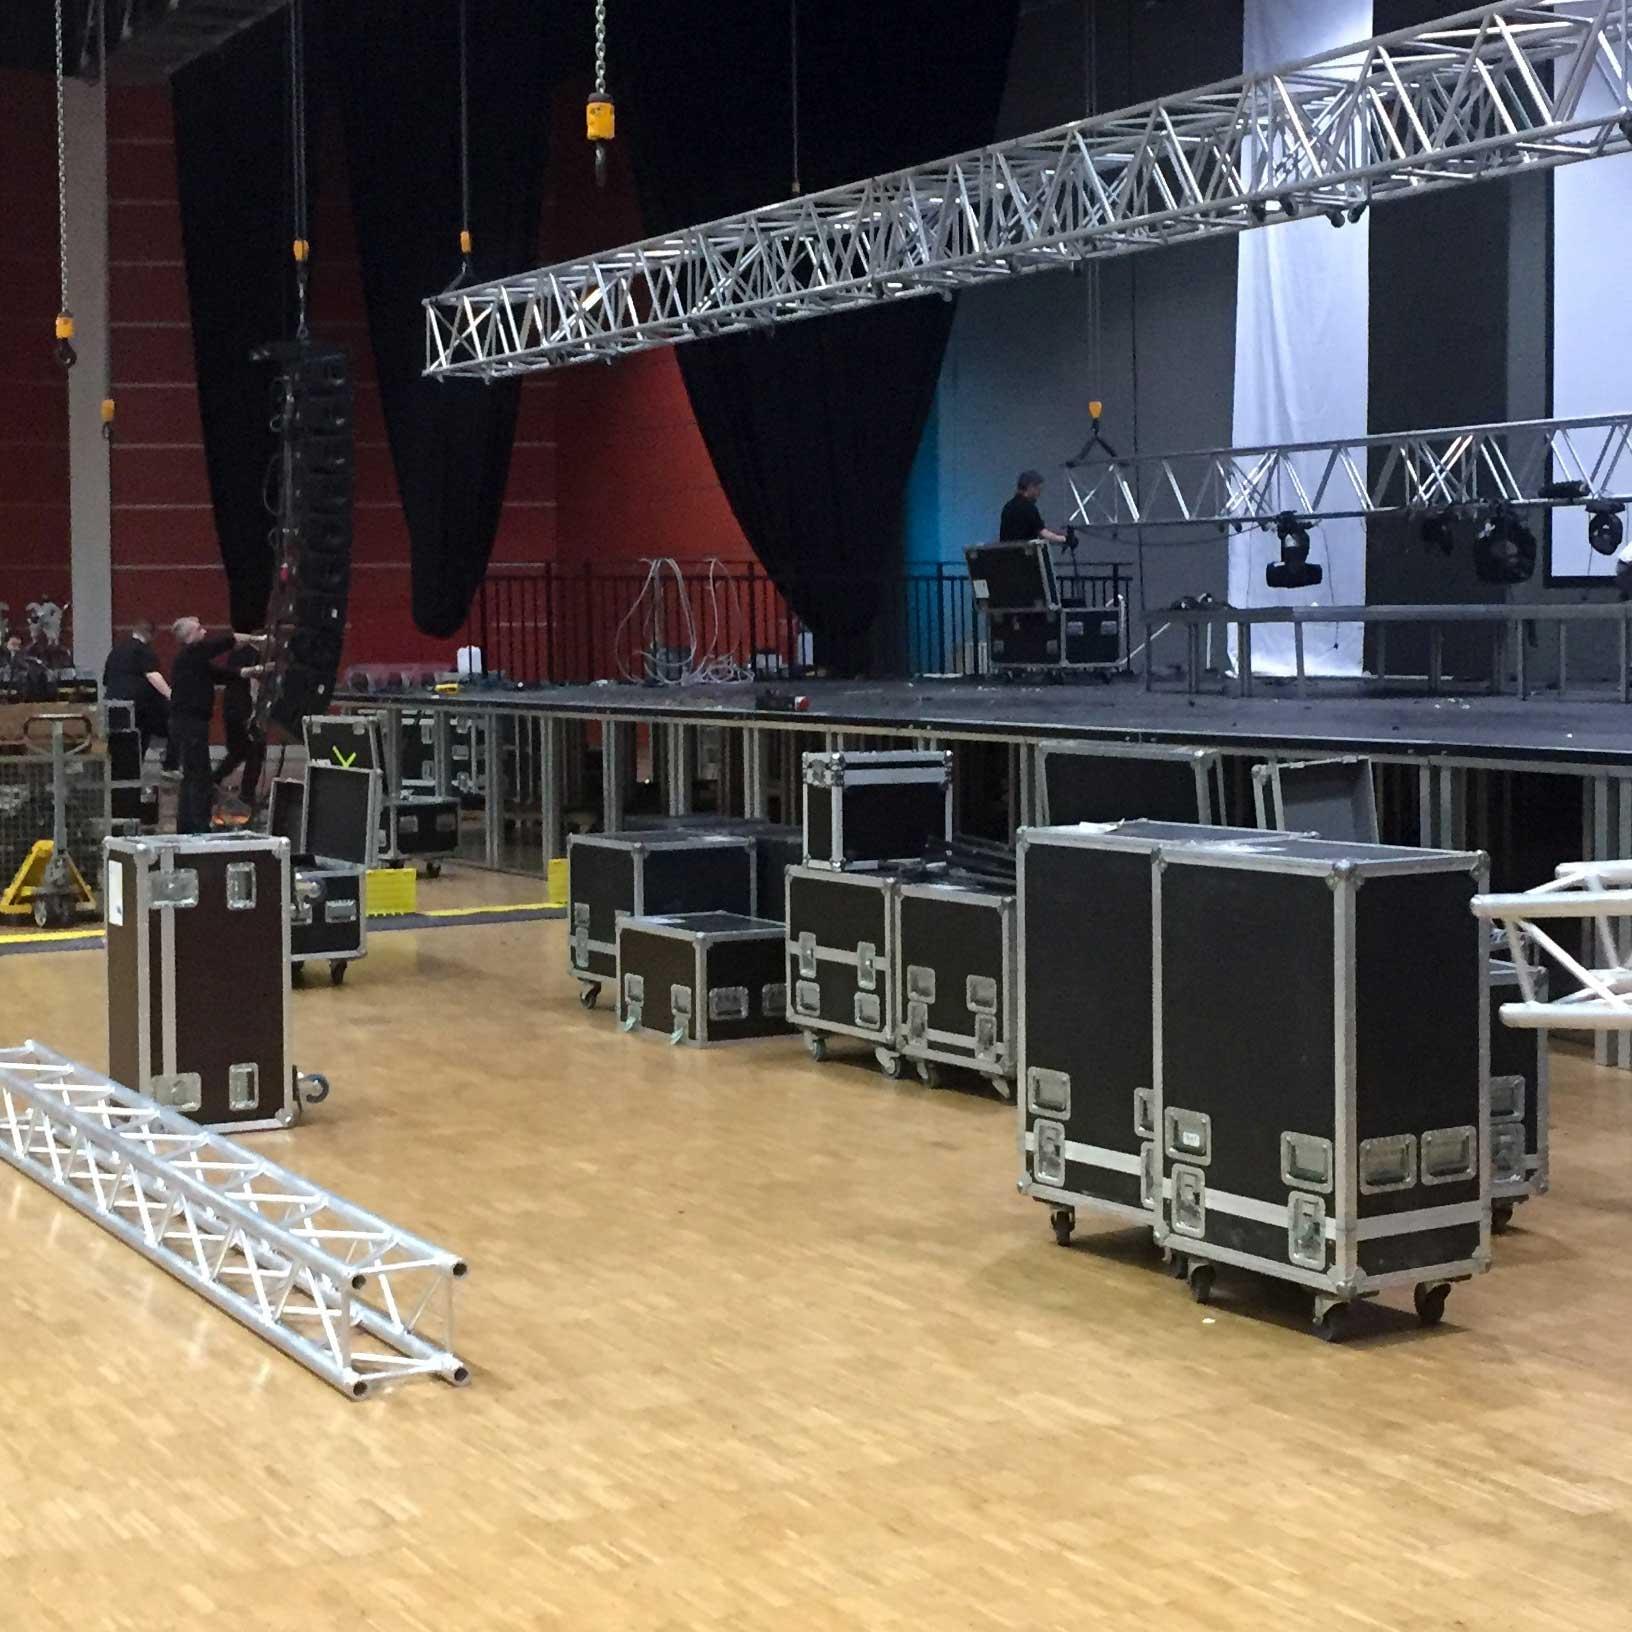 Roadies beim Aufbau von Equipment auf einer Bühne